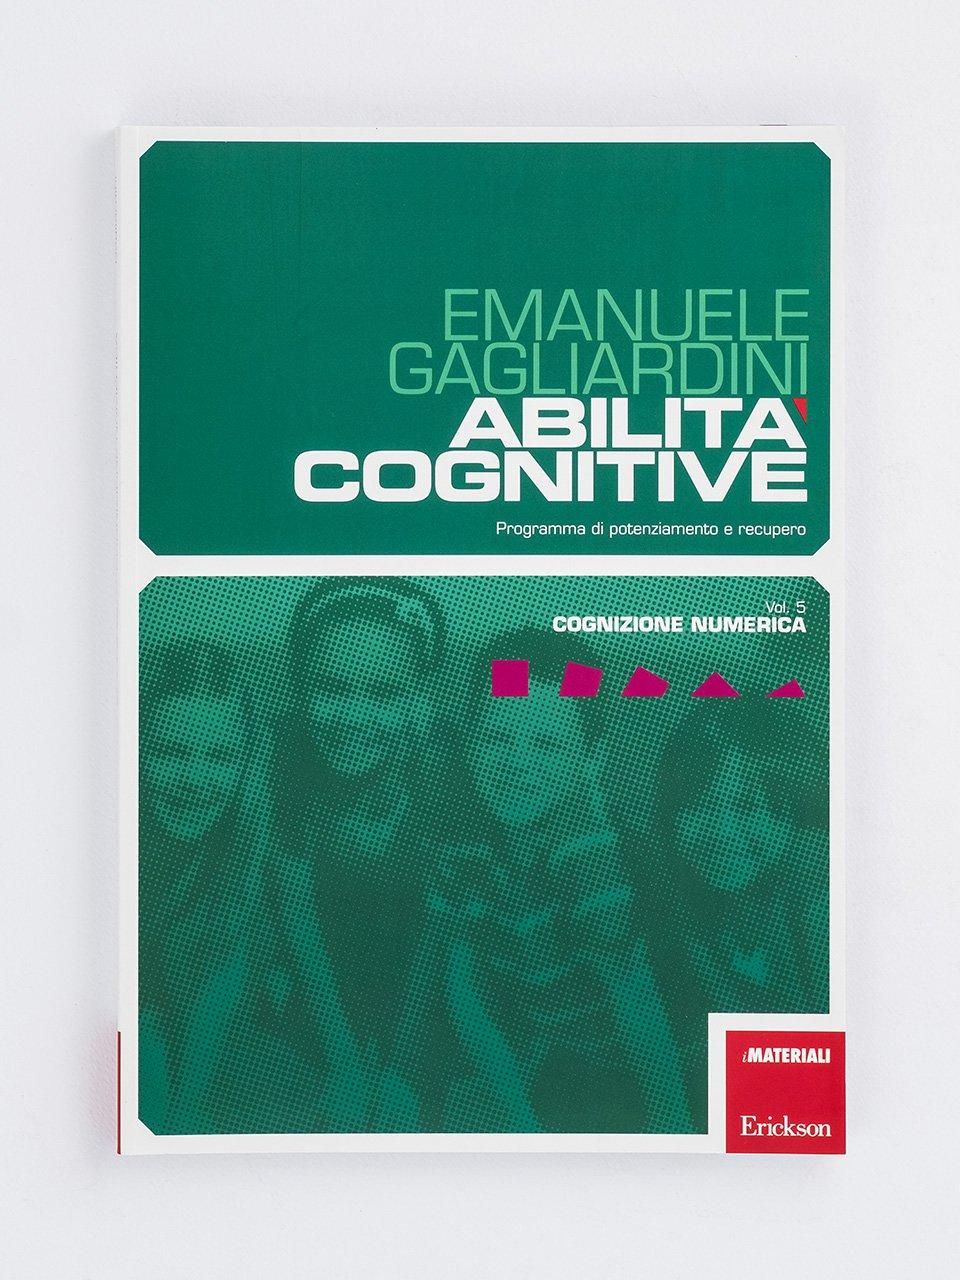 Abilità cognitive - Vol. 5: Cognizione numerica - Laboratorio discalculia - Libri - Erickson